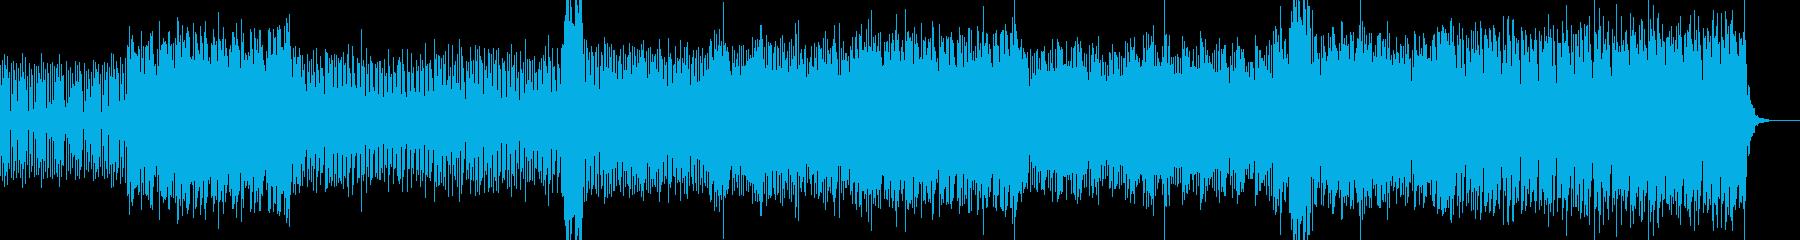 コンセプトムービー向けの幻想的なトランスの再生済みの波形